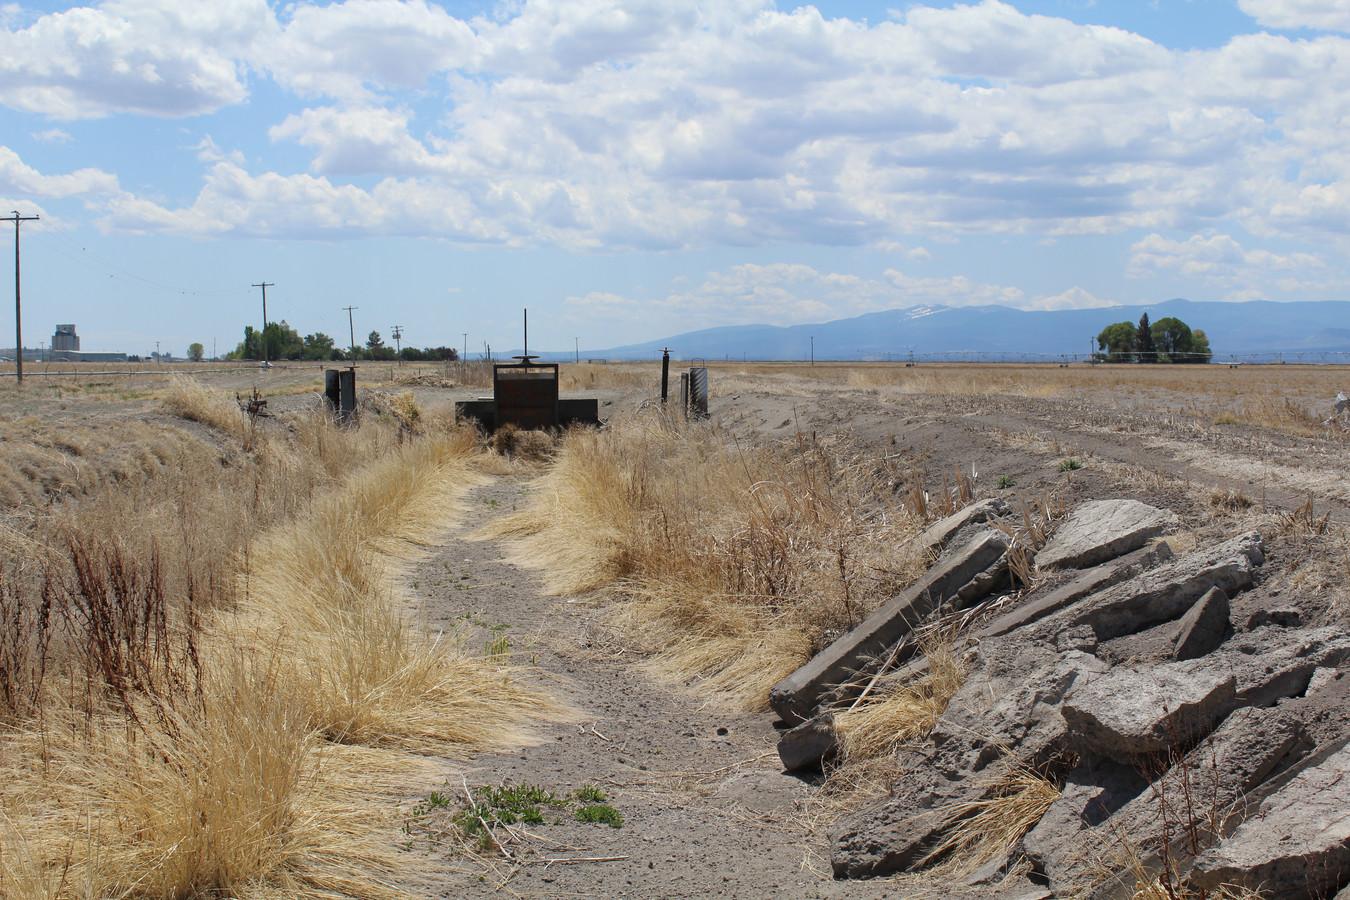 Het landbouwgebied rond Tulelake verdroogt langzaam.